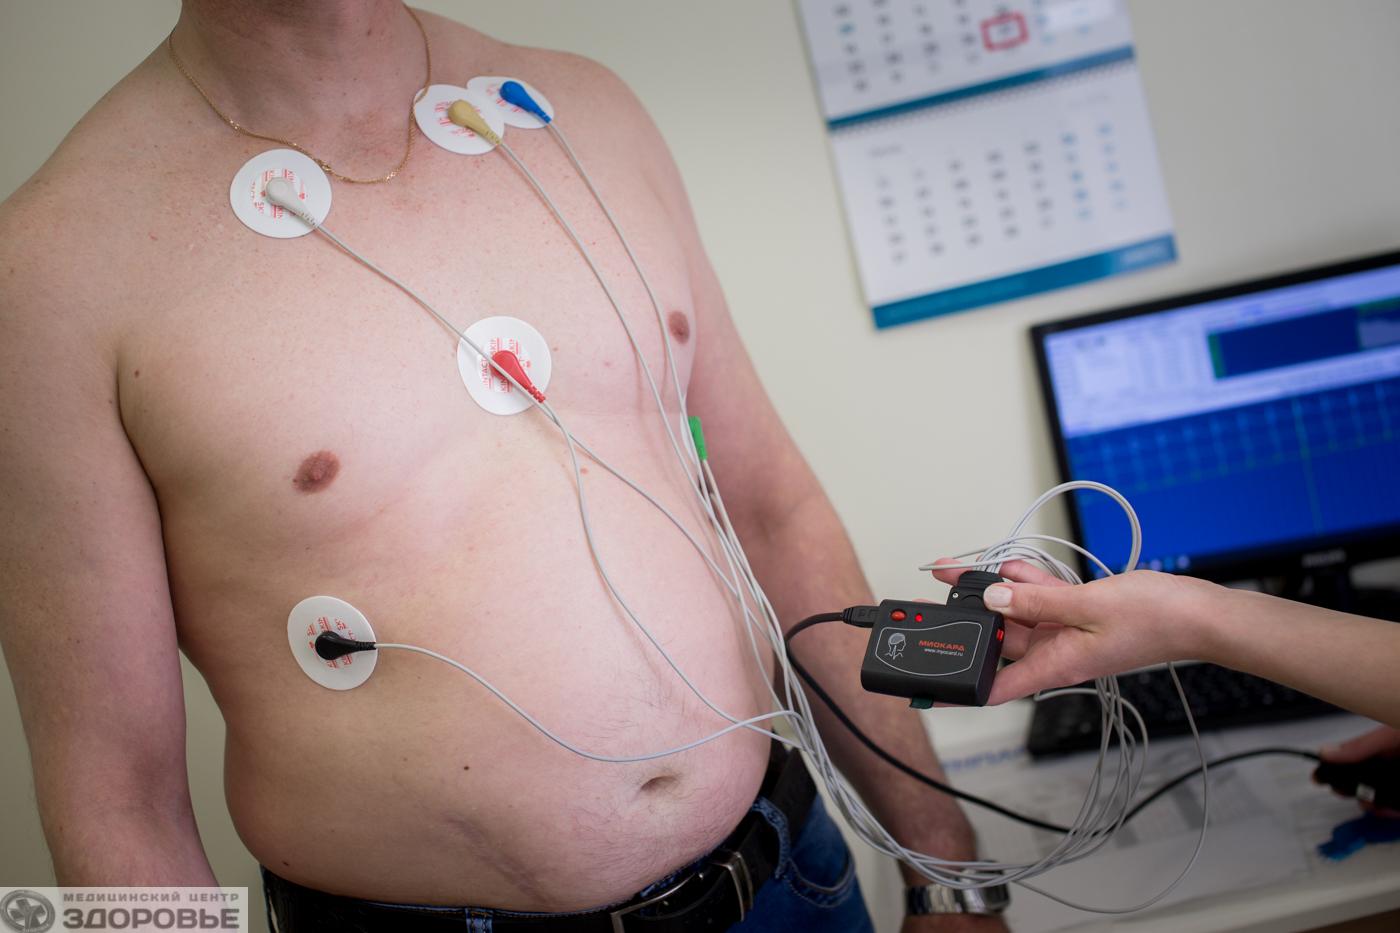 Что такое холтер, для чего нужно и что показывает холтеровское мониторирование сердца